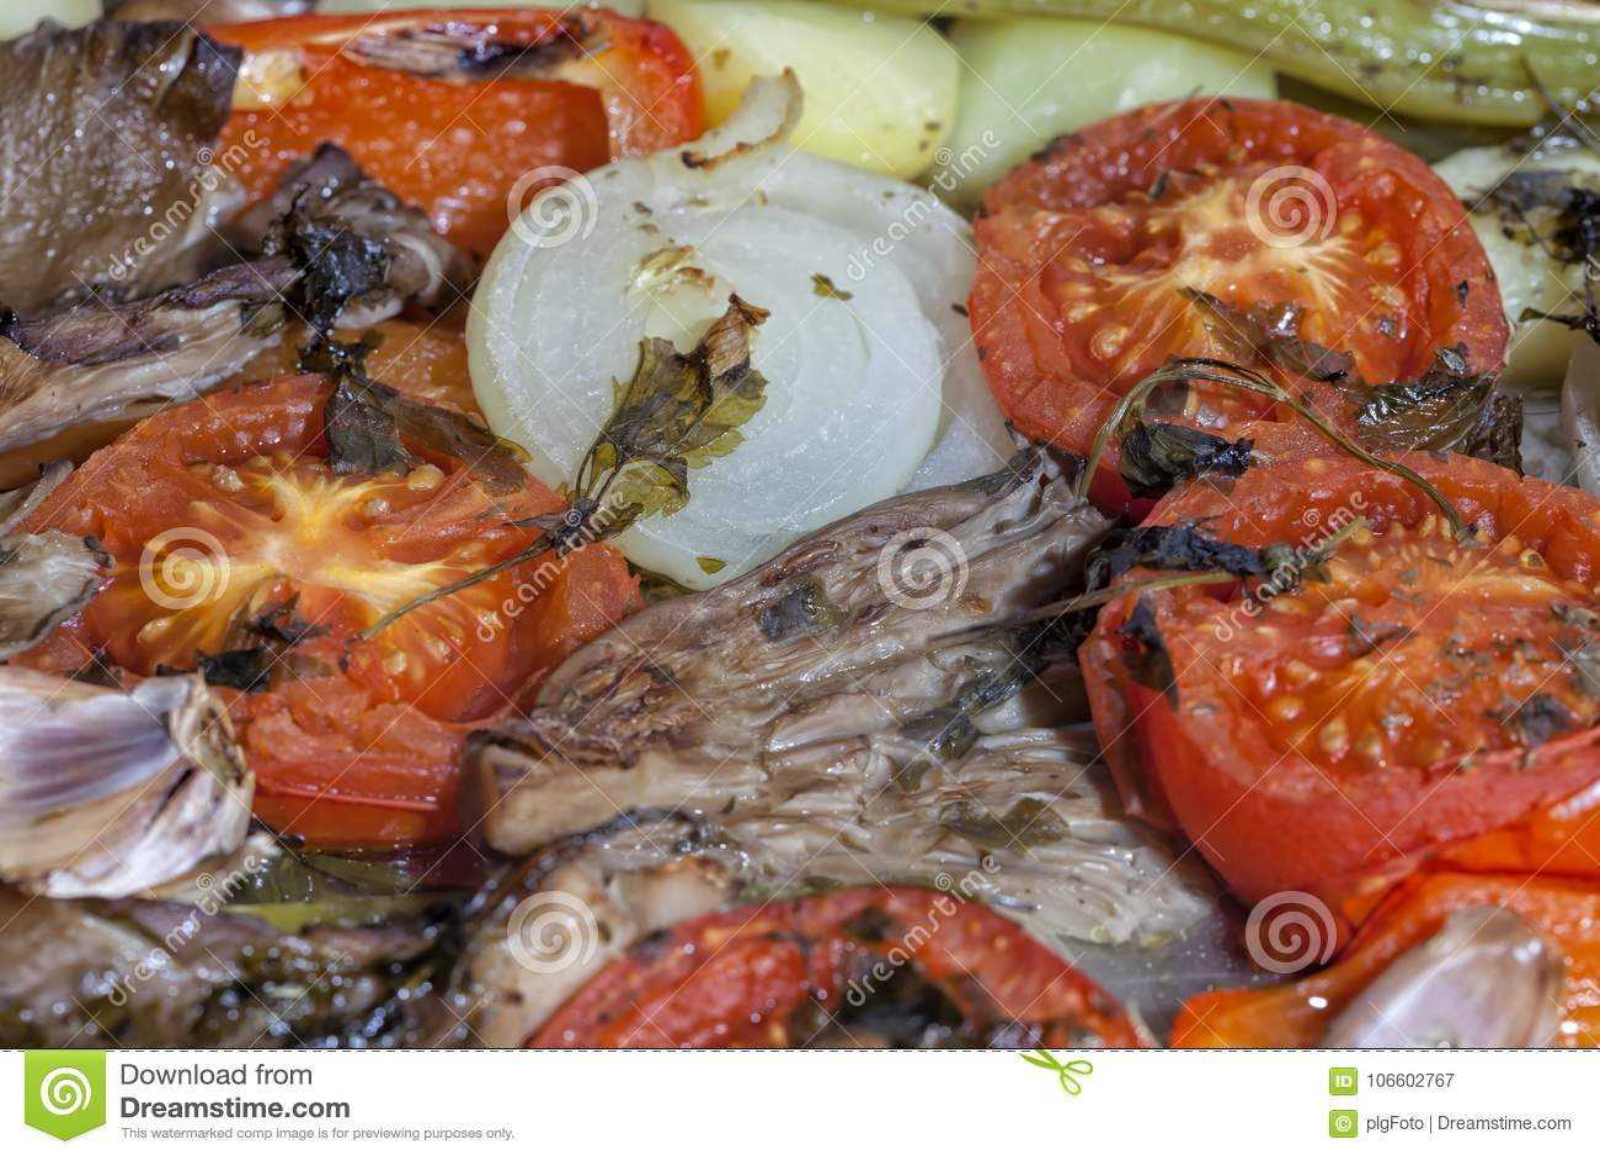 Os vegetais de acompanhamento têm sido cozinhados já um pequeno